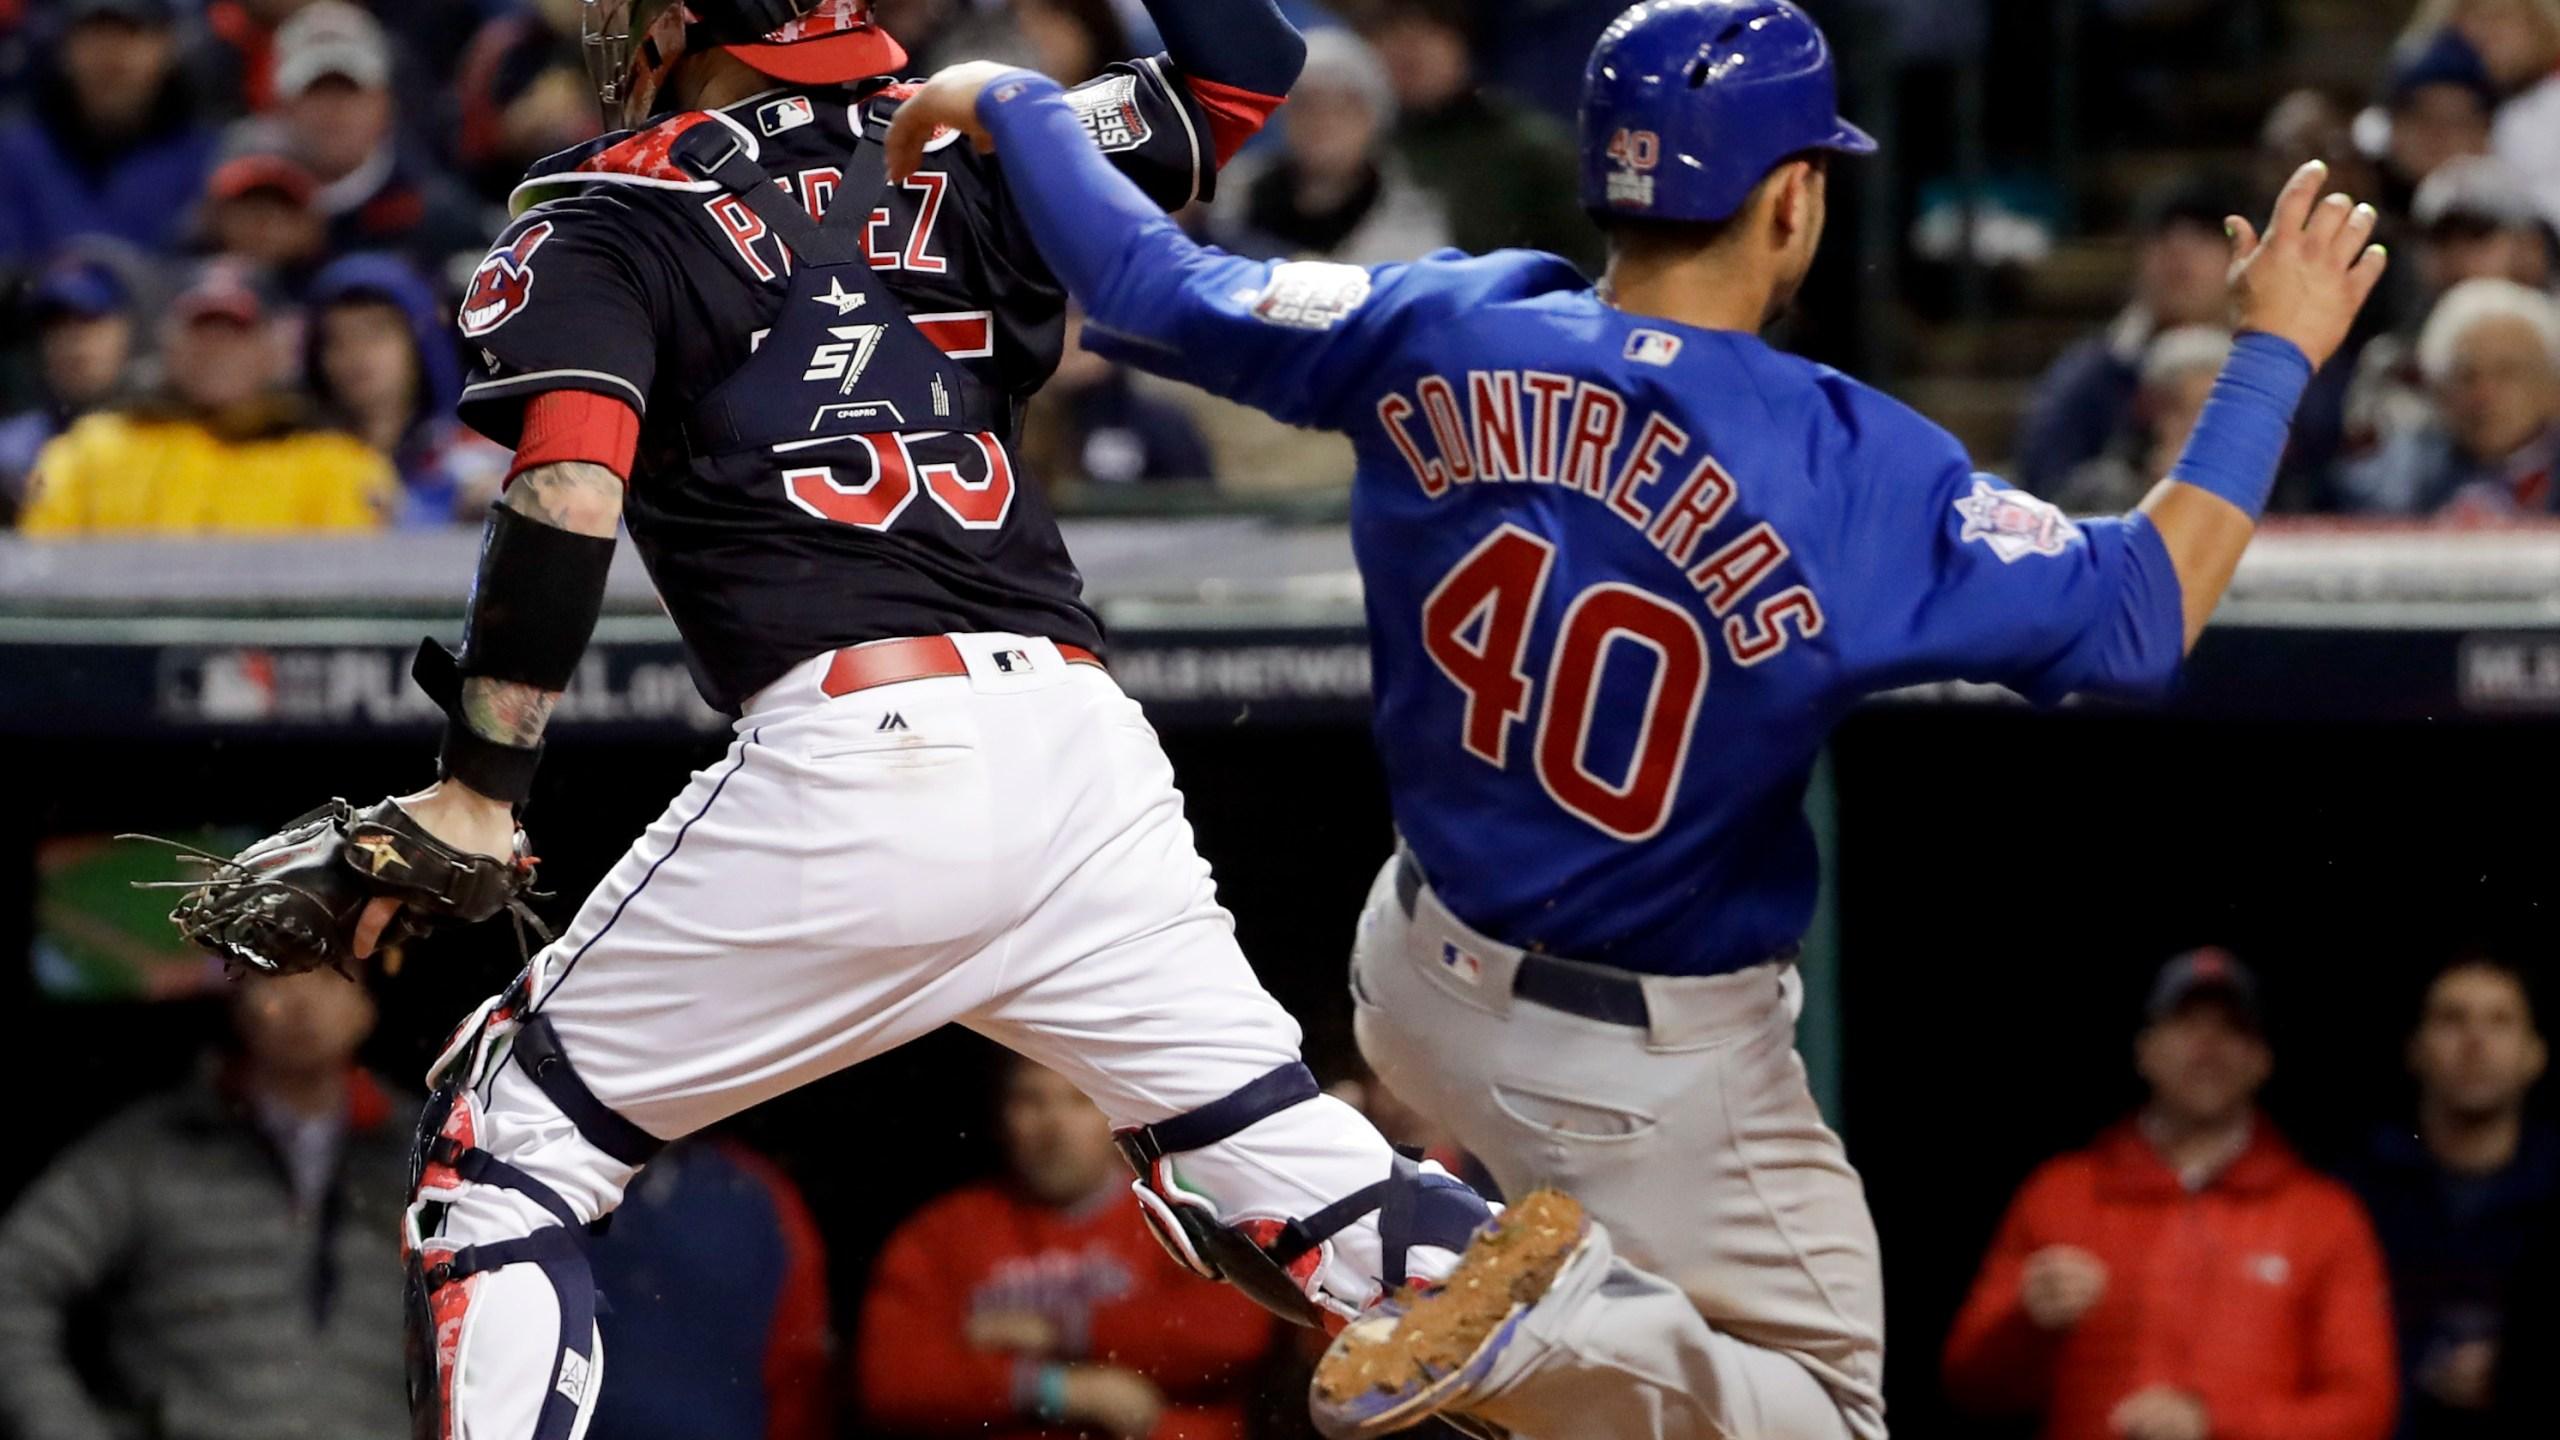 World Series Cubs Indians Baseball Photo by Matt Slocum, AP Photo_234463